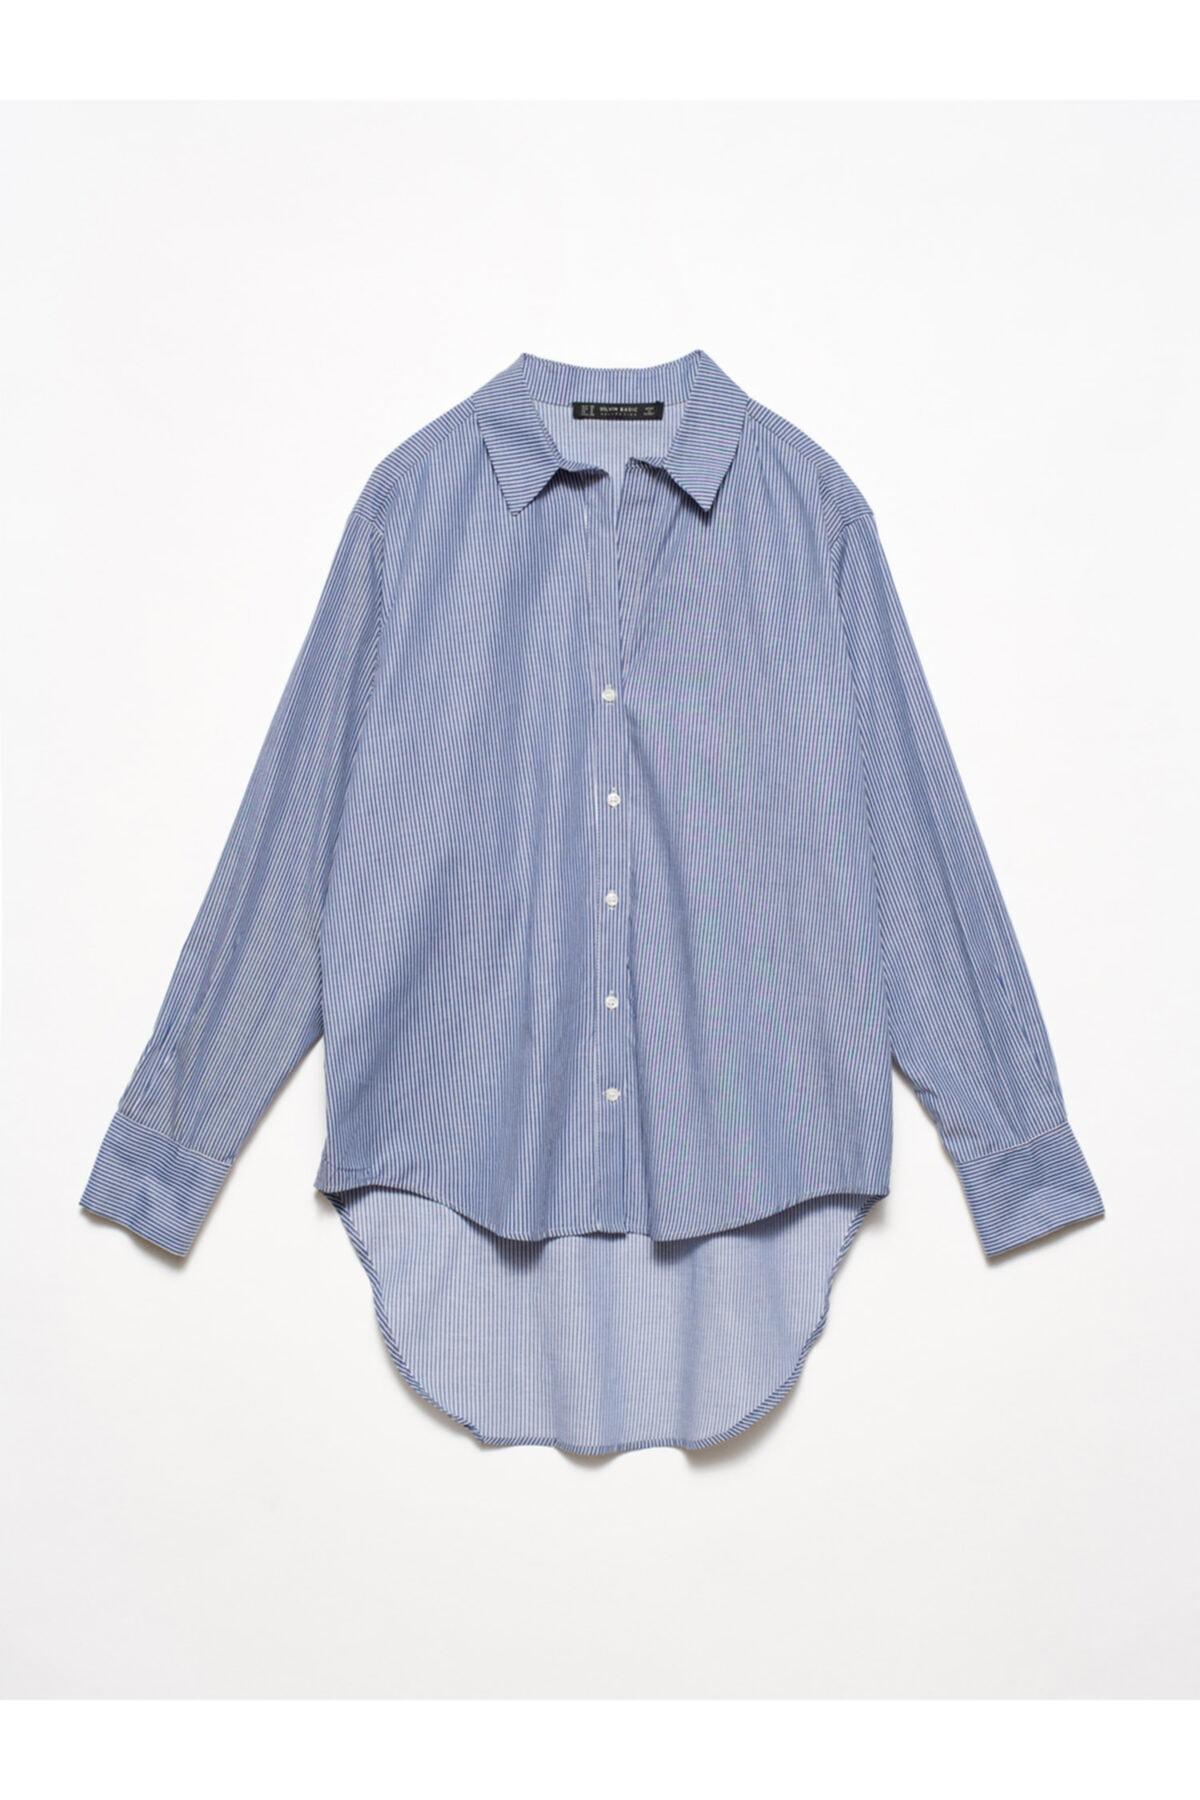 Dilvin Kadın Mavi 5202 Arkası Uzun Klasik Gömlek 103A05202 1